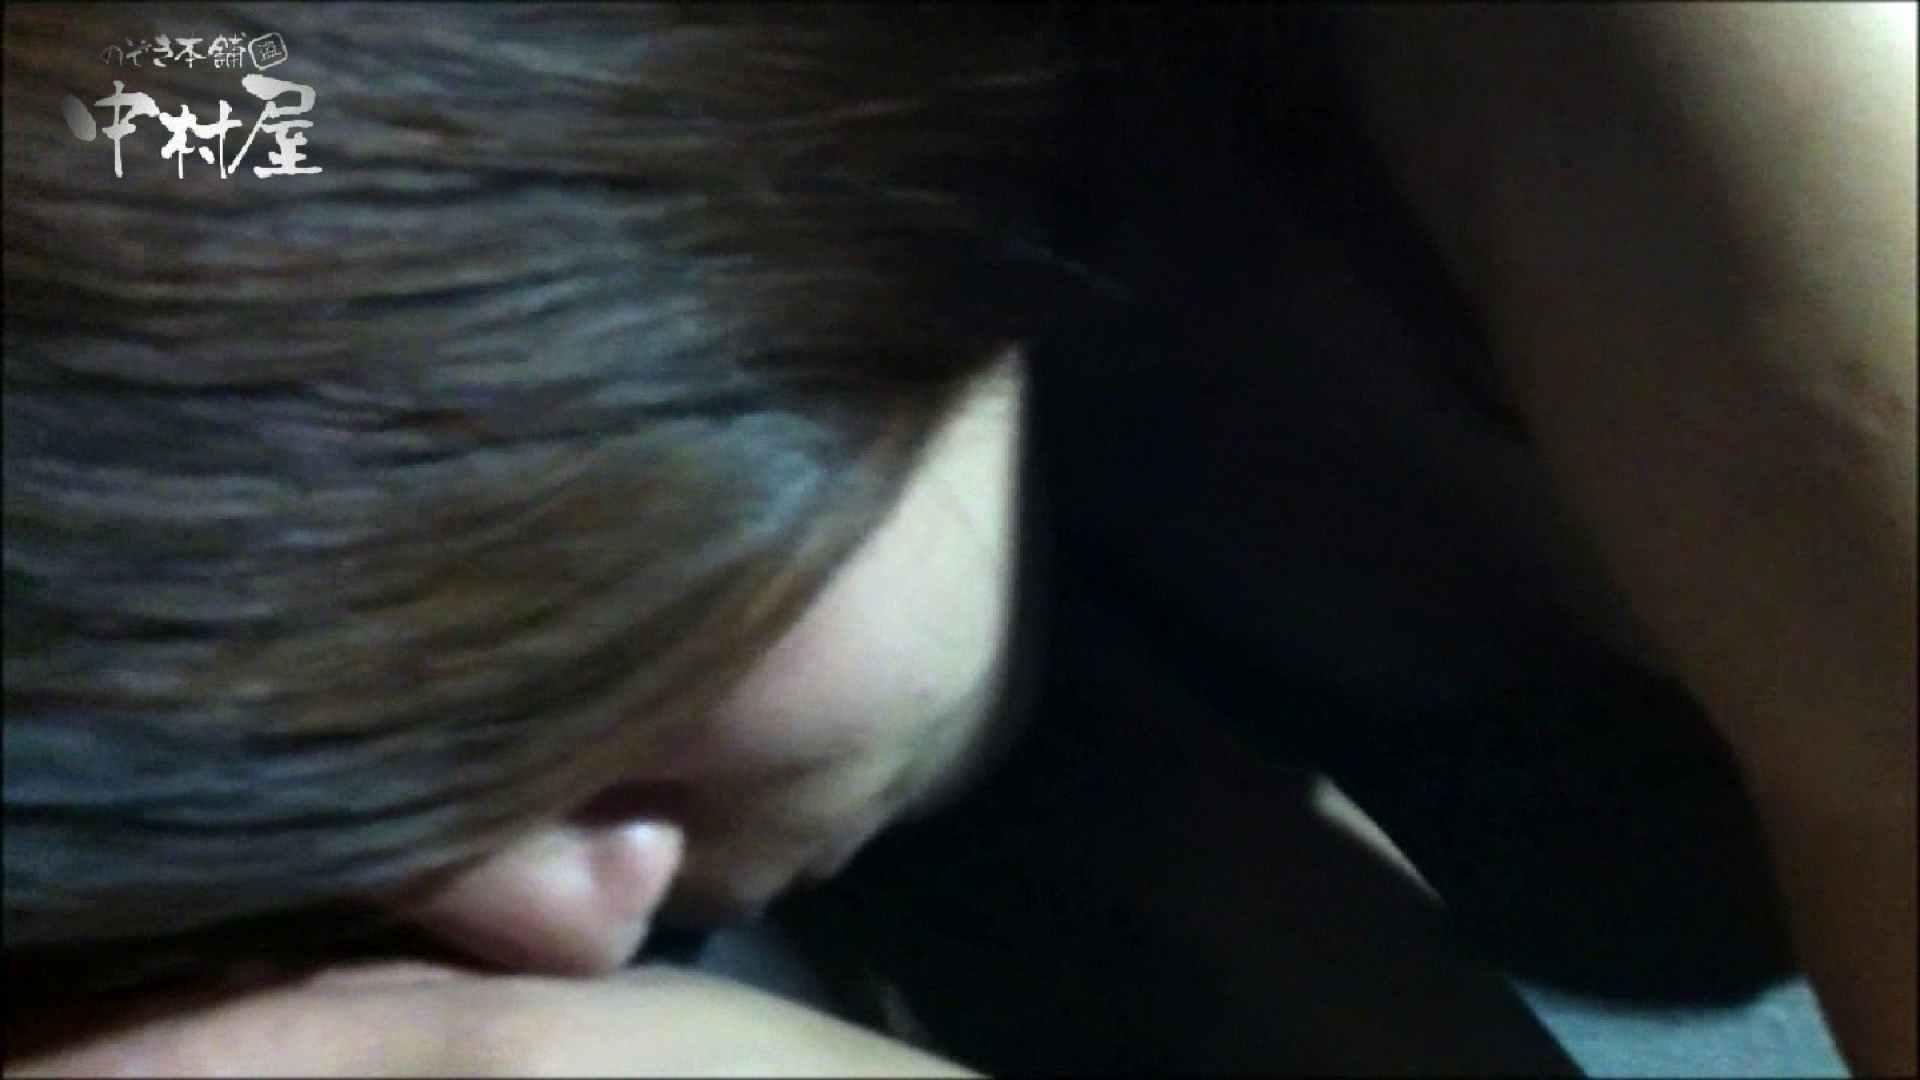 欲望 リアルドール Case.04 Kちゃんショップ店員20歳 イタズラ セックス画像 51連発 35